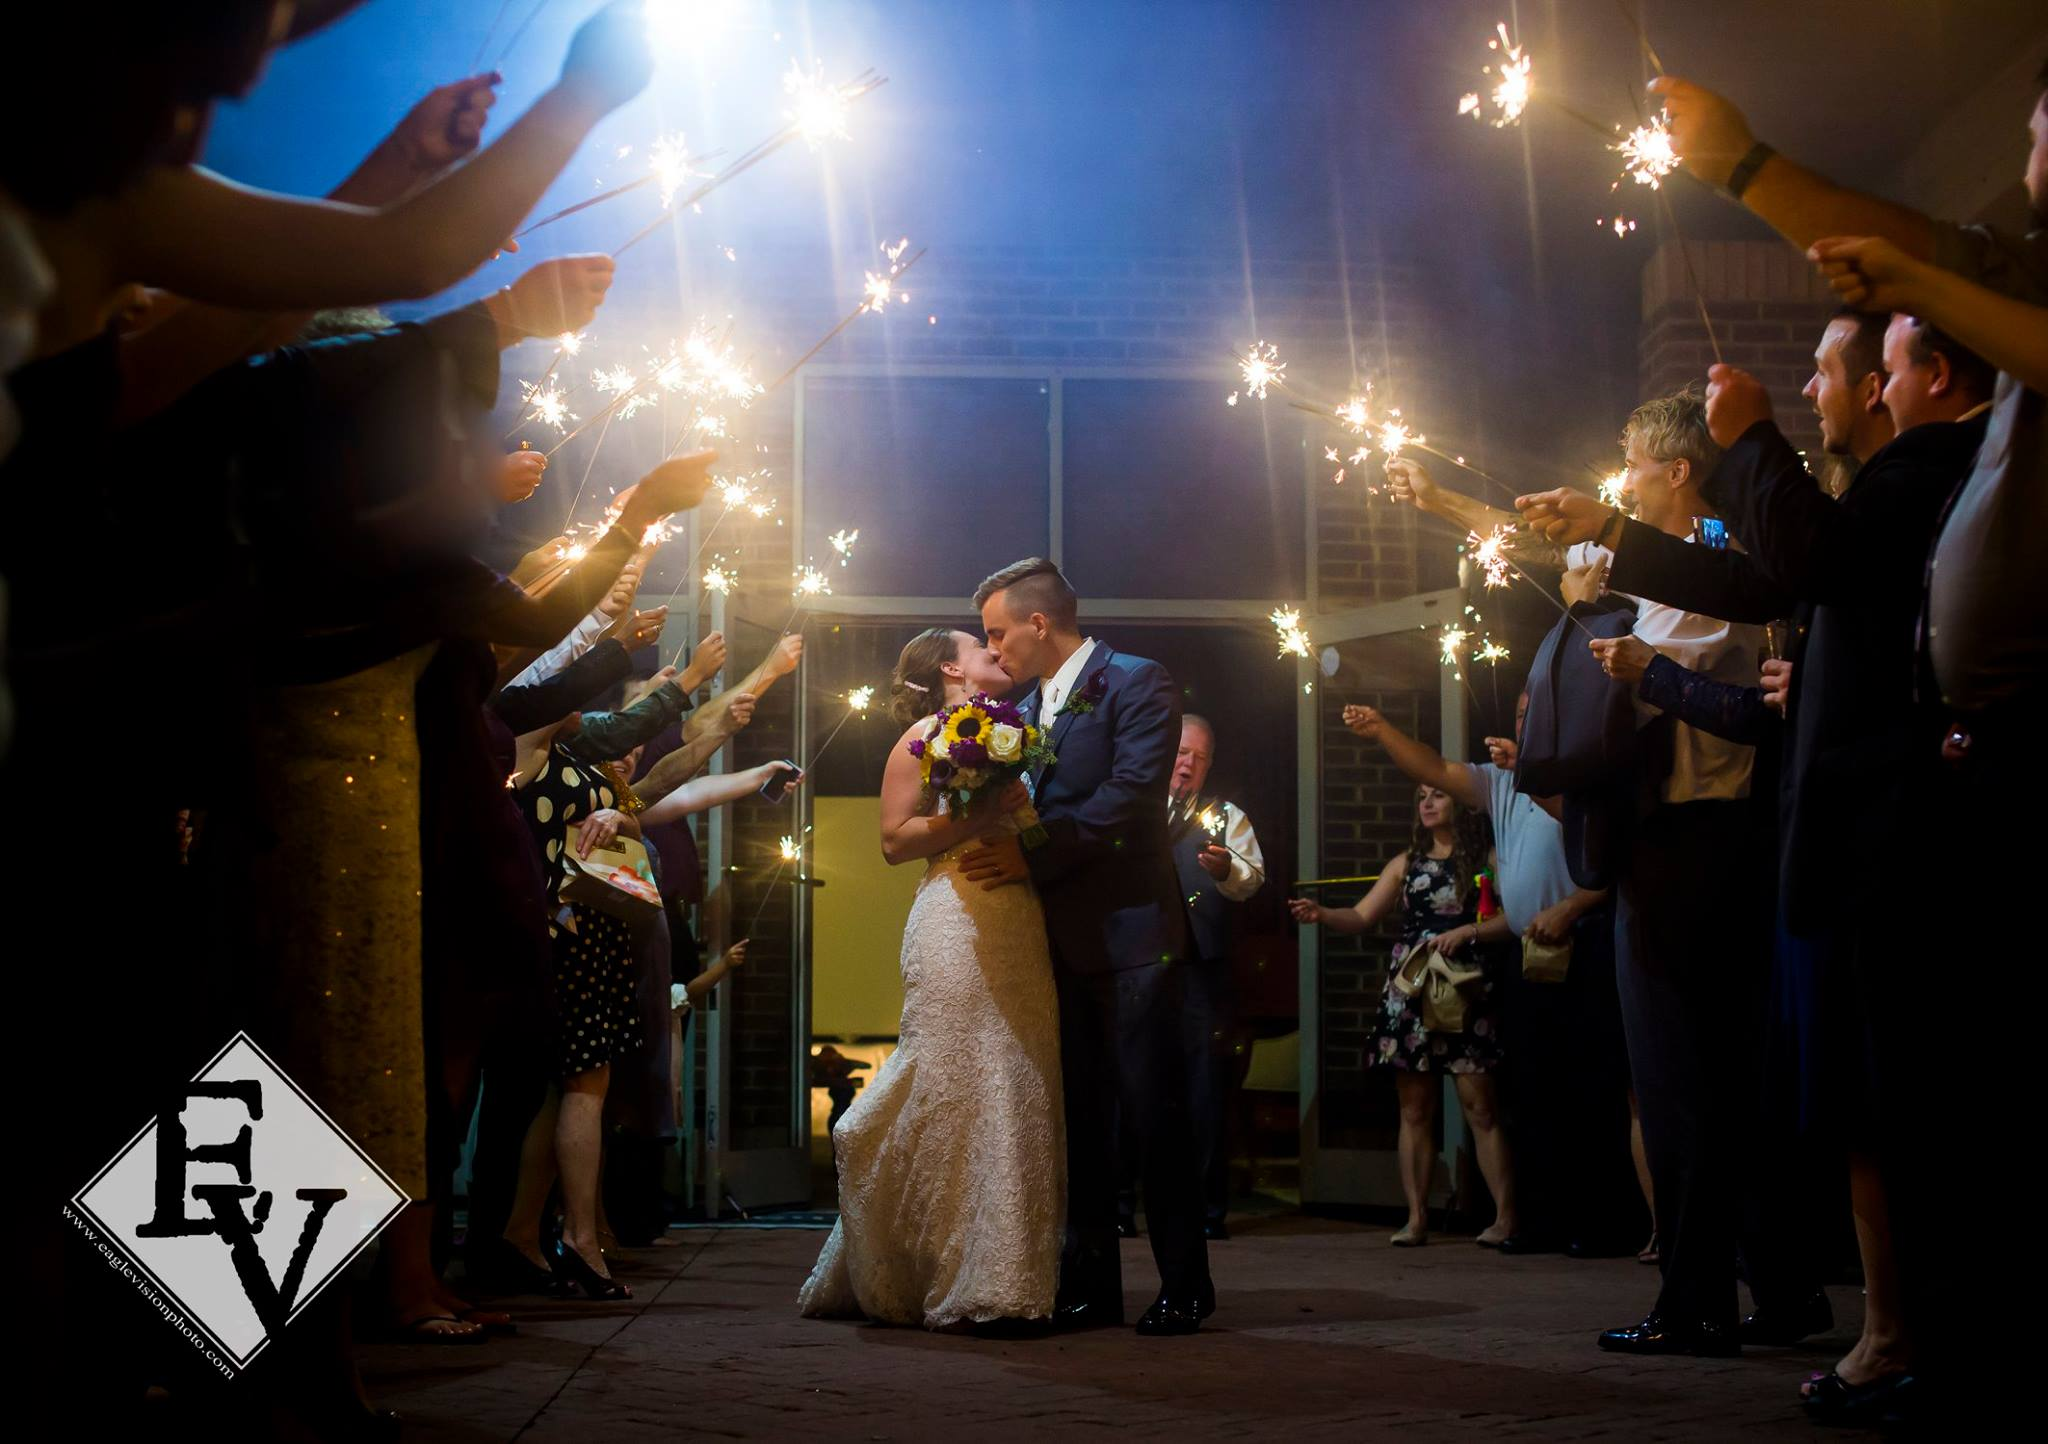 Wedding Sparklers Send-off Trend | Wedding Sparklers Outlet